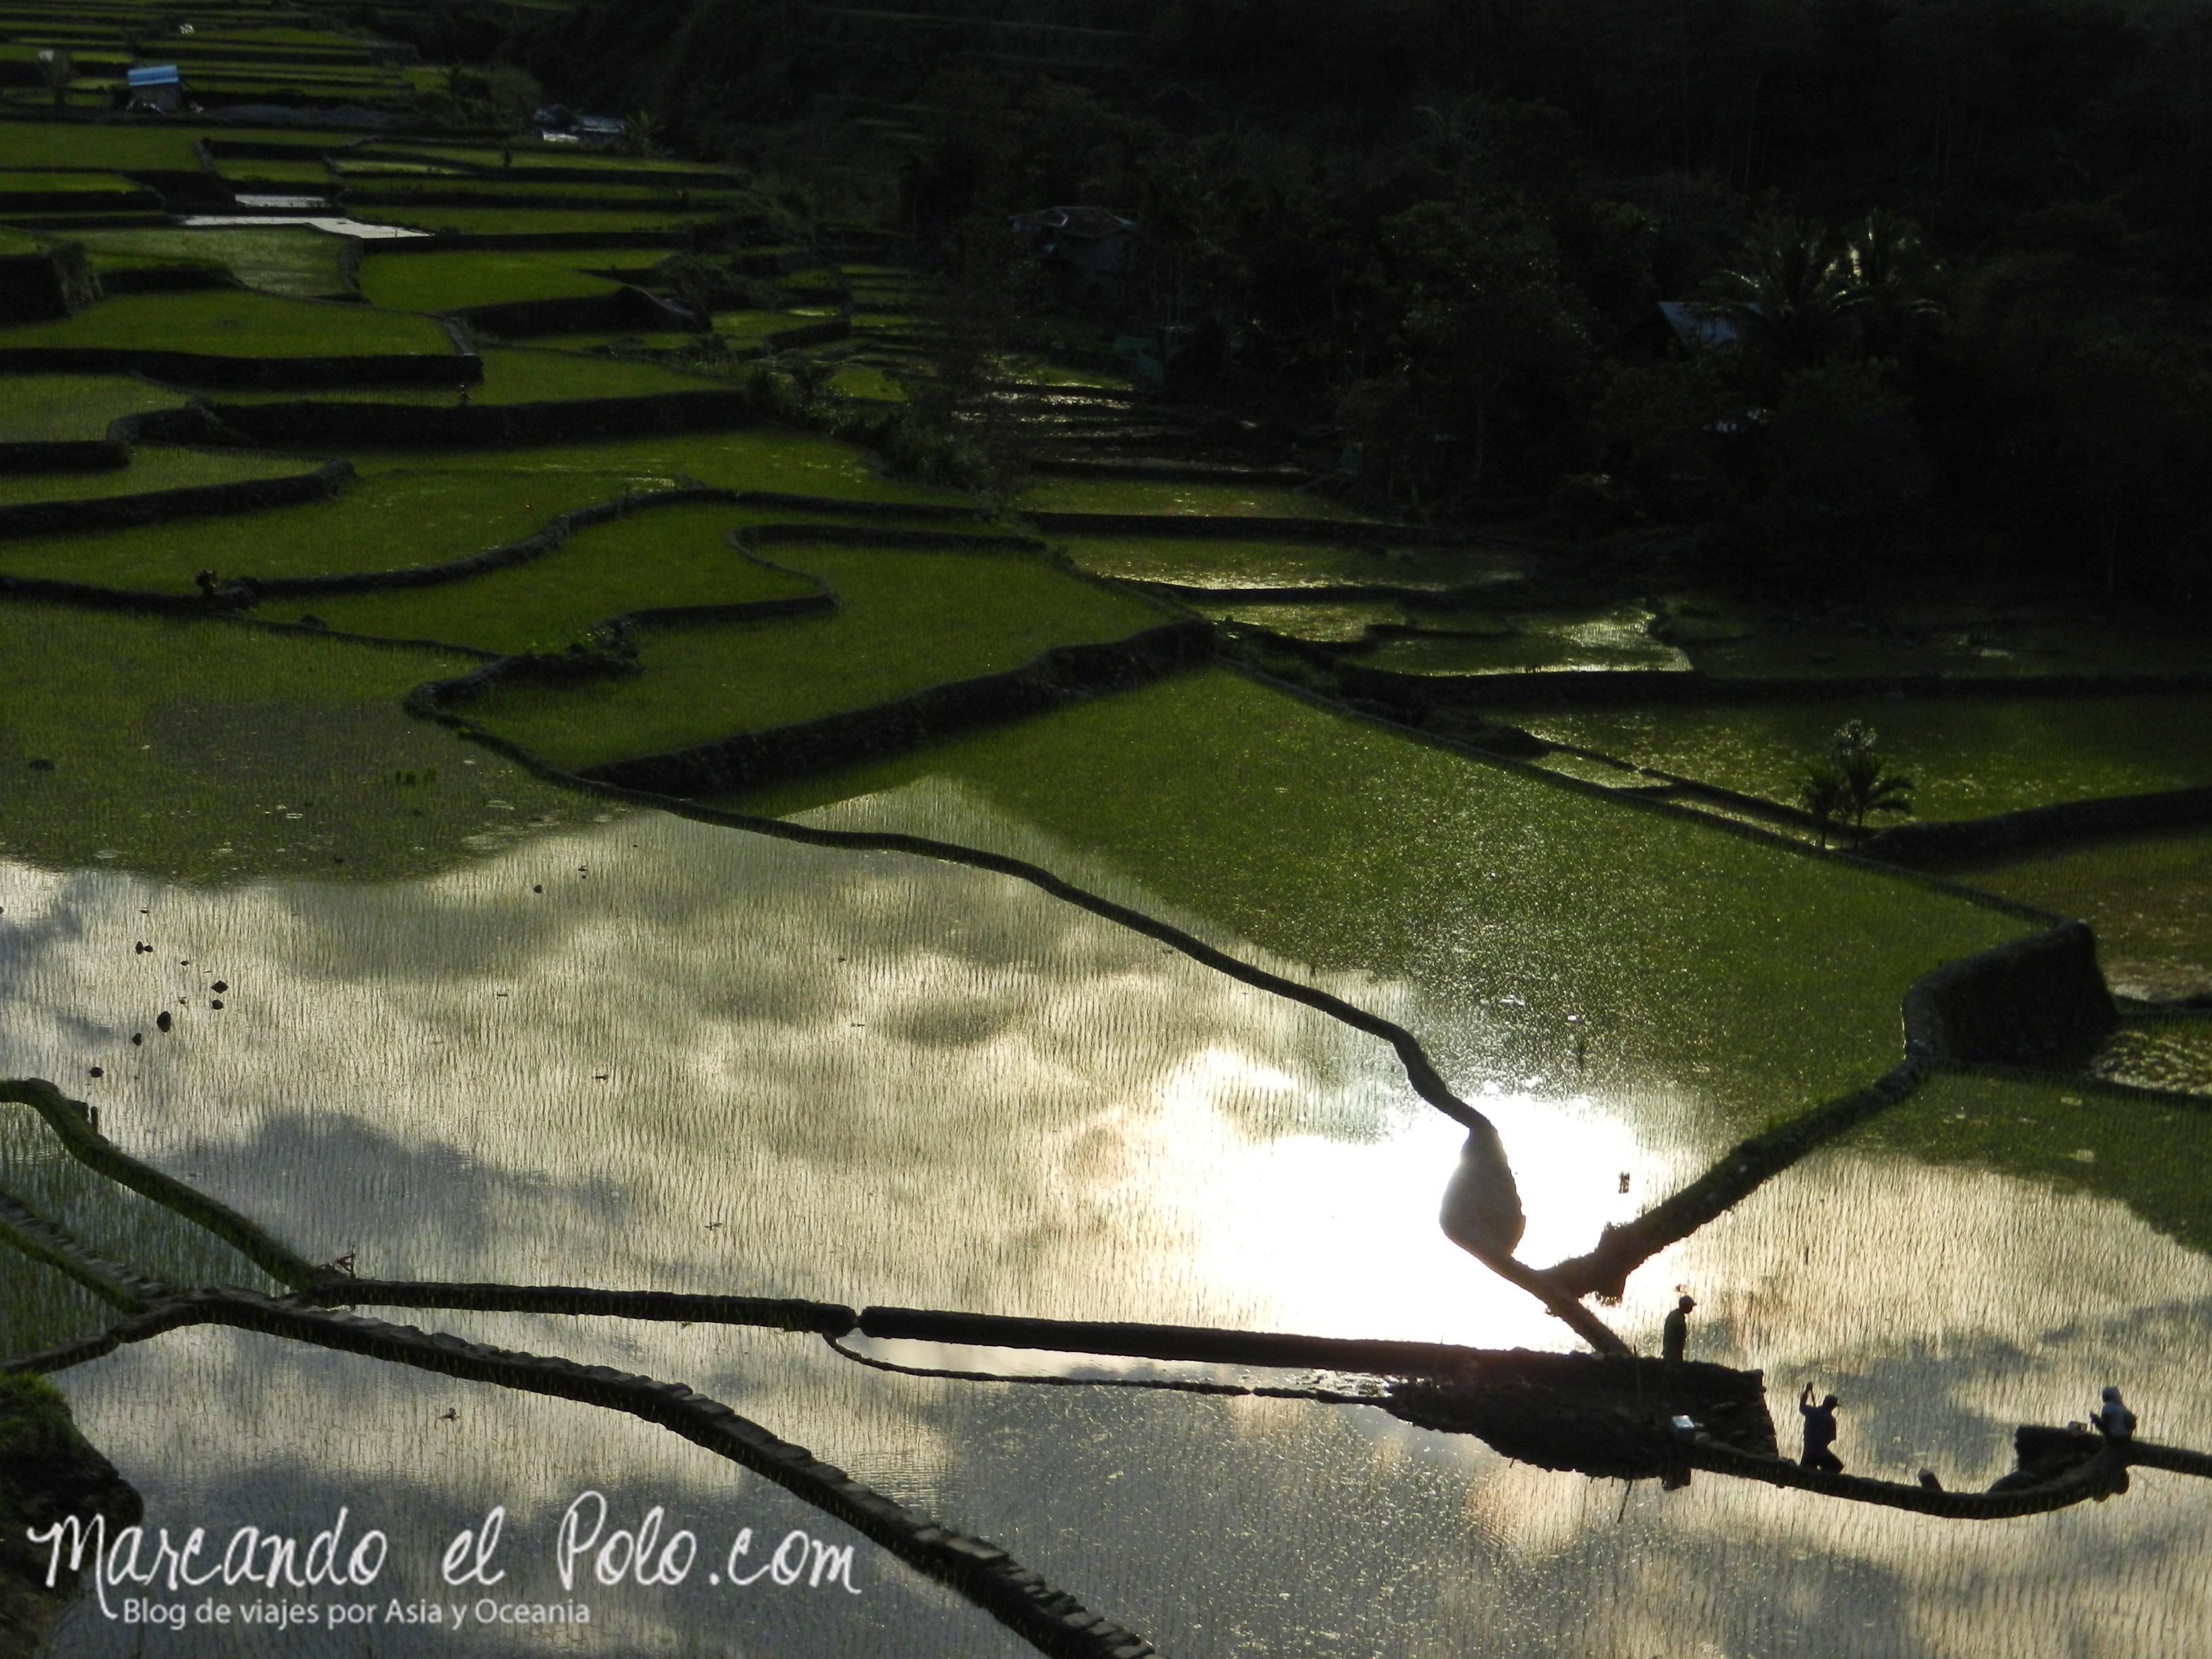 Terrazas de arroz en Filipinas: Atardecer en Hapao